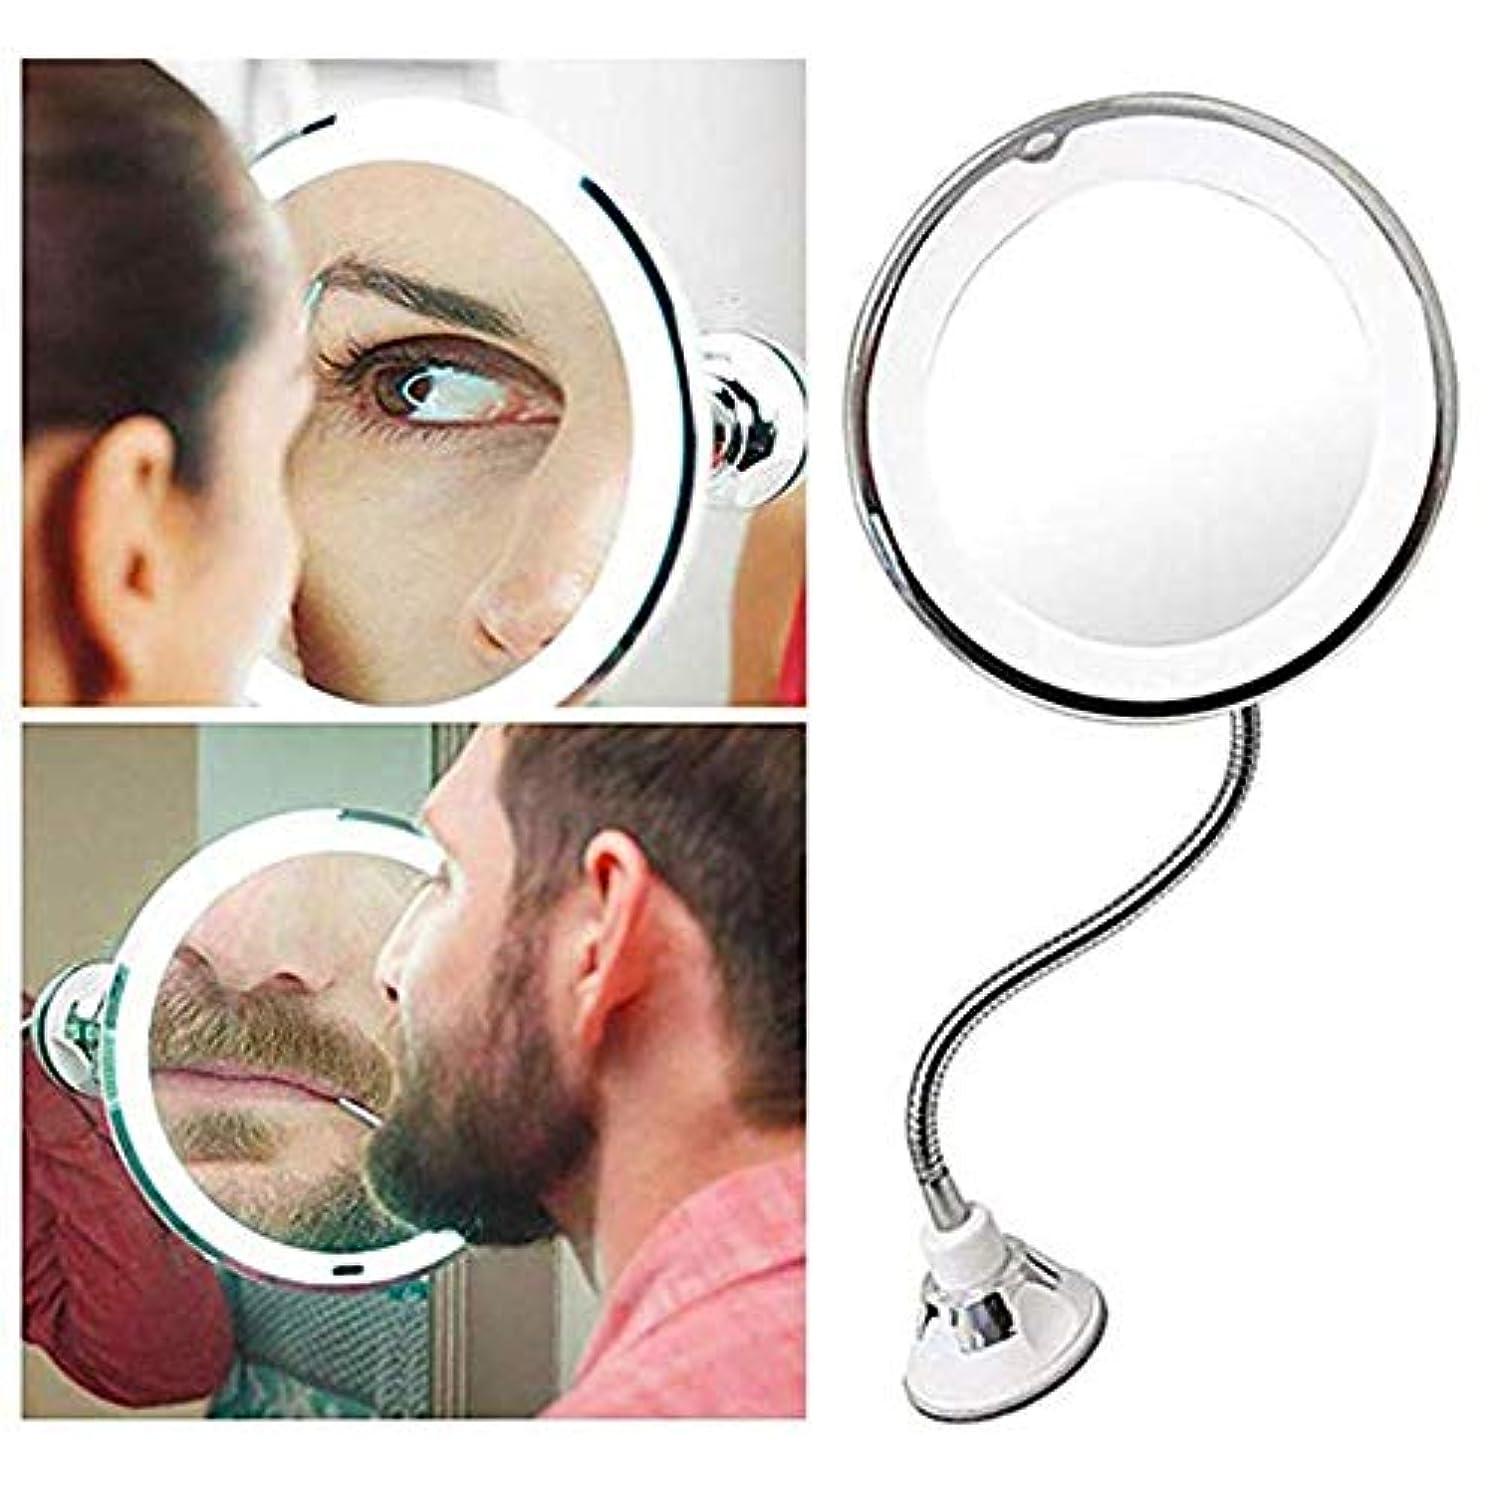 真夜中カルシウムシーズン7倍 LED化粧鏡 風呂鏡 吸盤ロック付き 浴室鏡 化粧ミラー 360度回転 メイクミラー LUERME 吸盤ロック付き 化粧ミラー シャワーミラー 鏡面直径17CM